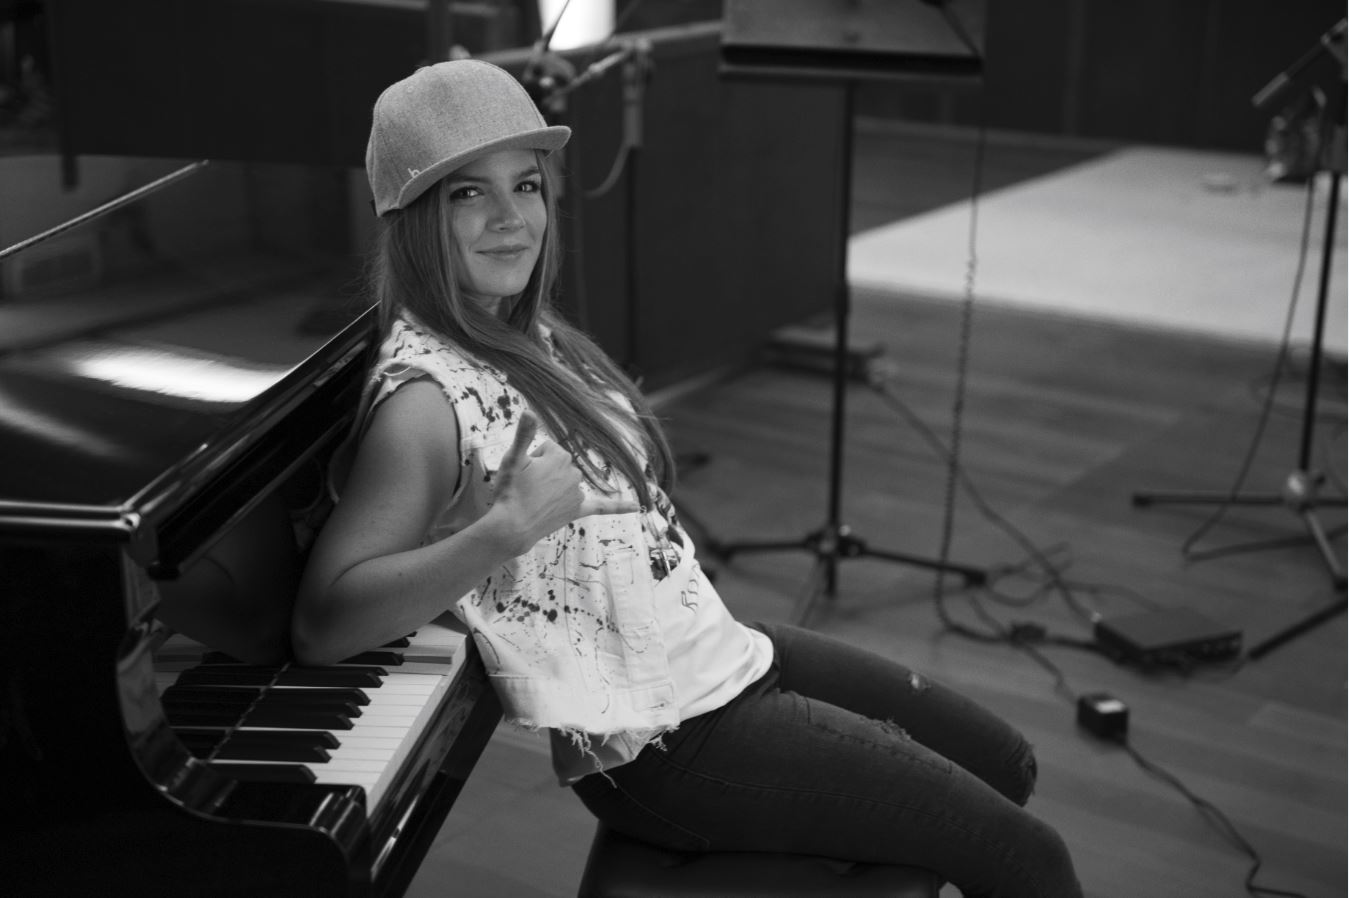 Sophie Francis Nº1 de Maxima 51 Chart con Hearts of gold